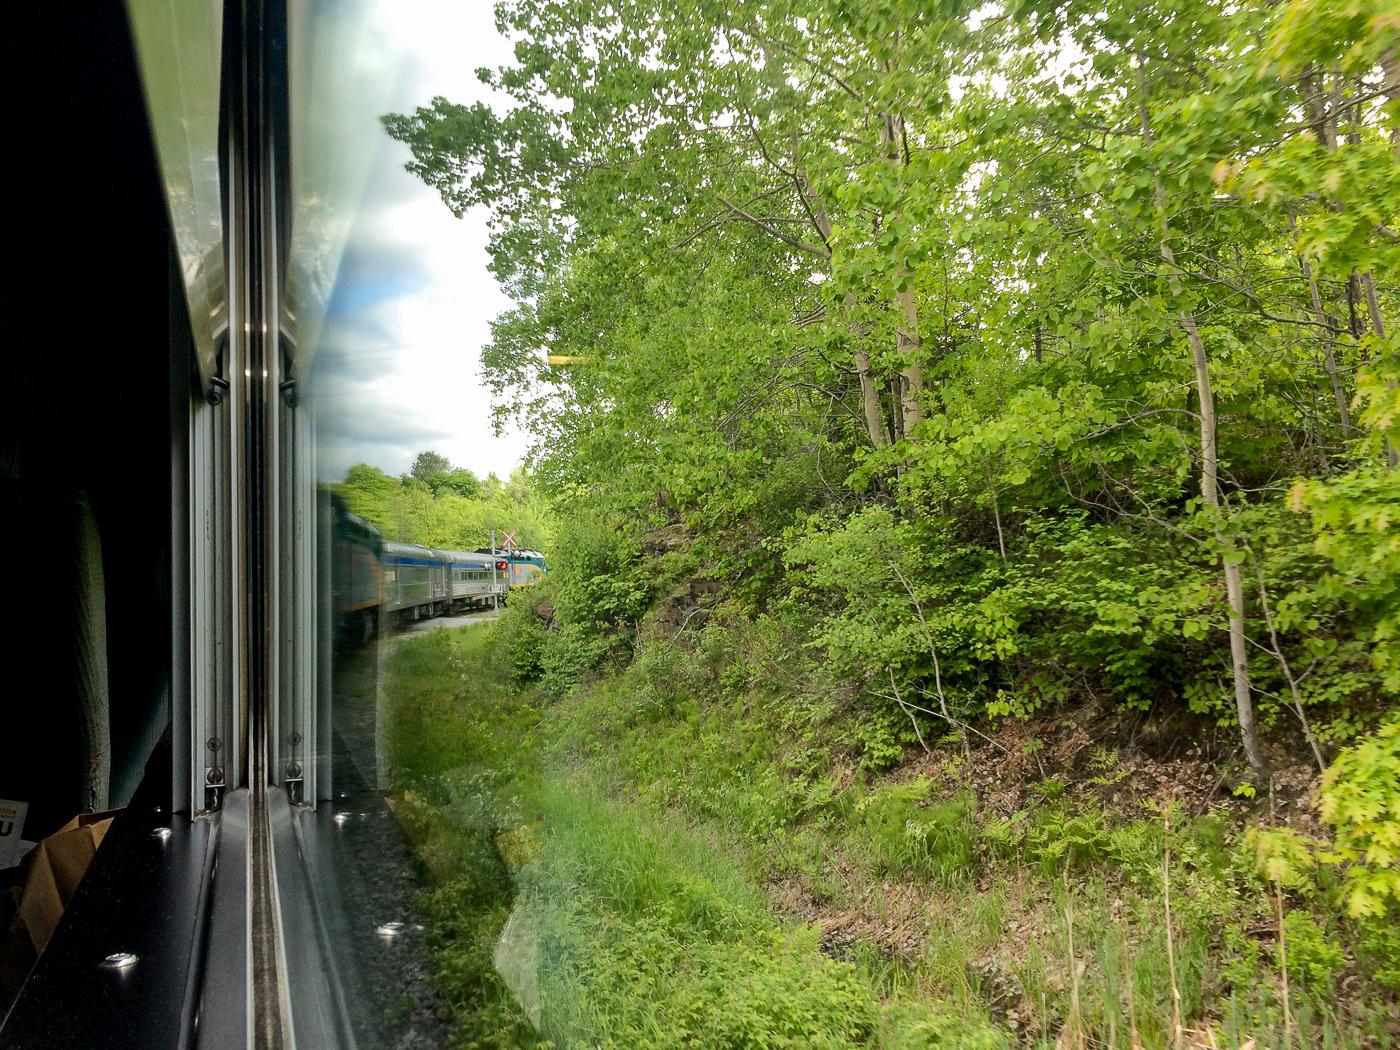 Vue du Train Montréal-Senneterre pour l'Abitibi-Témiscamingue - Via Rail Canada